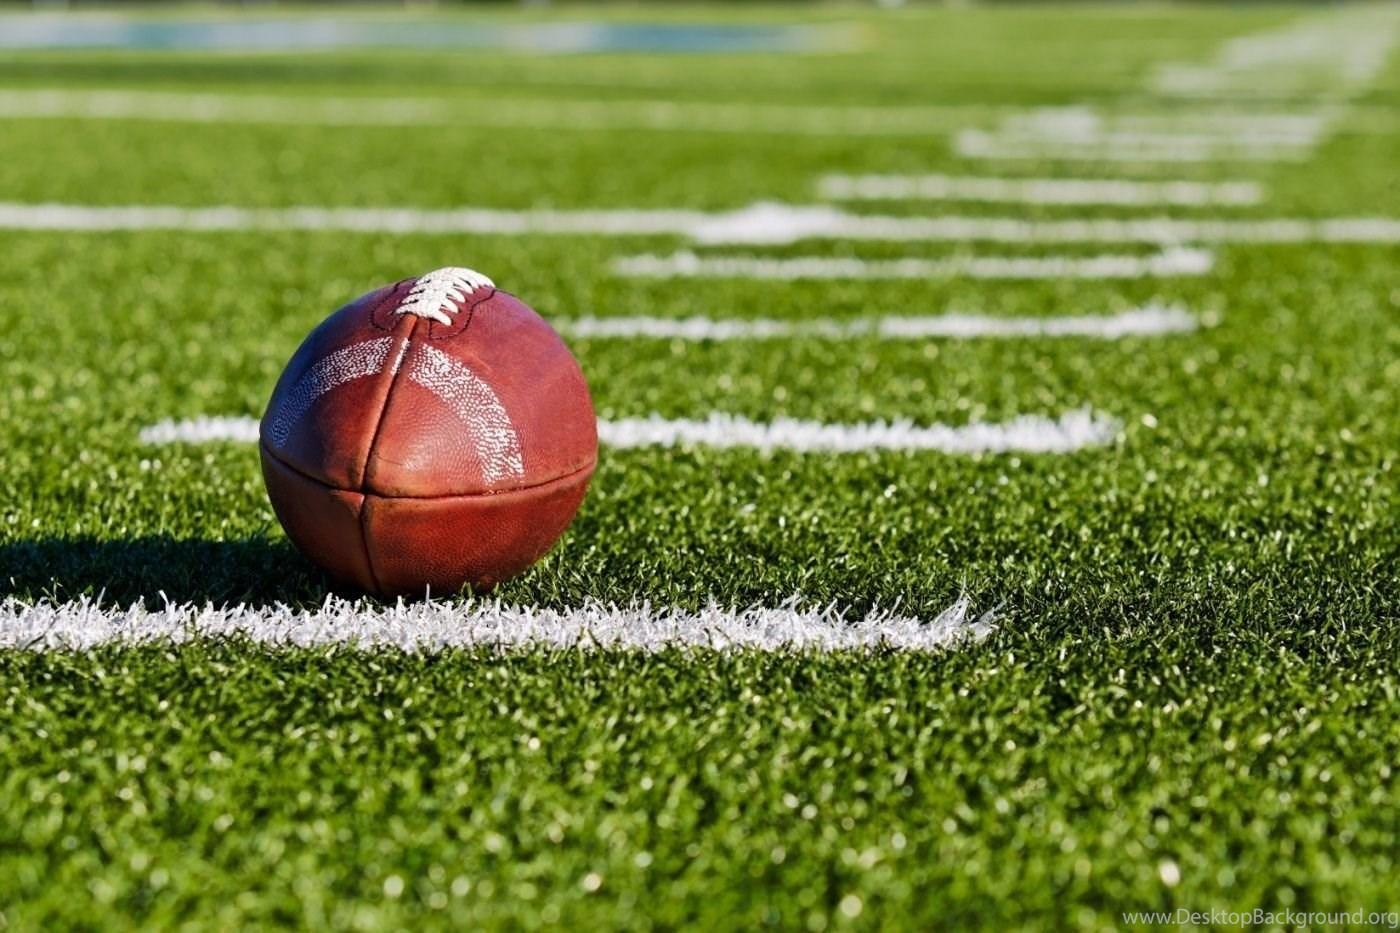 Football field hd wallpapers desktop background - Football field wallpaper hd ...